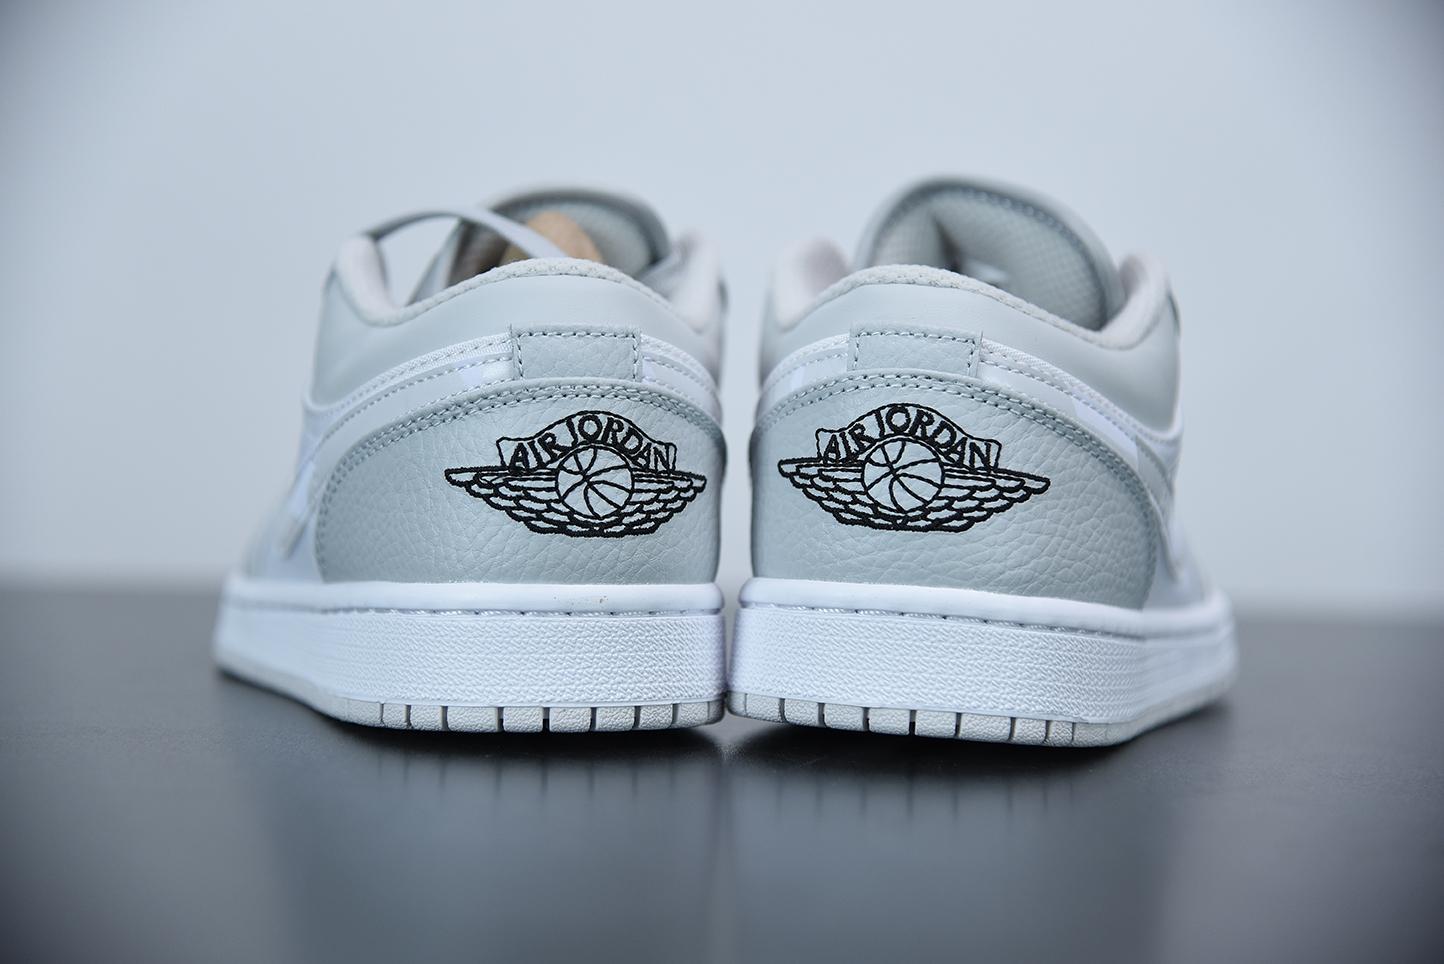 Giày Nike Jordan1 Low White Camo